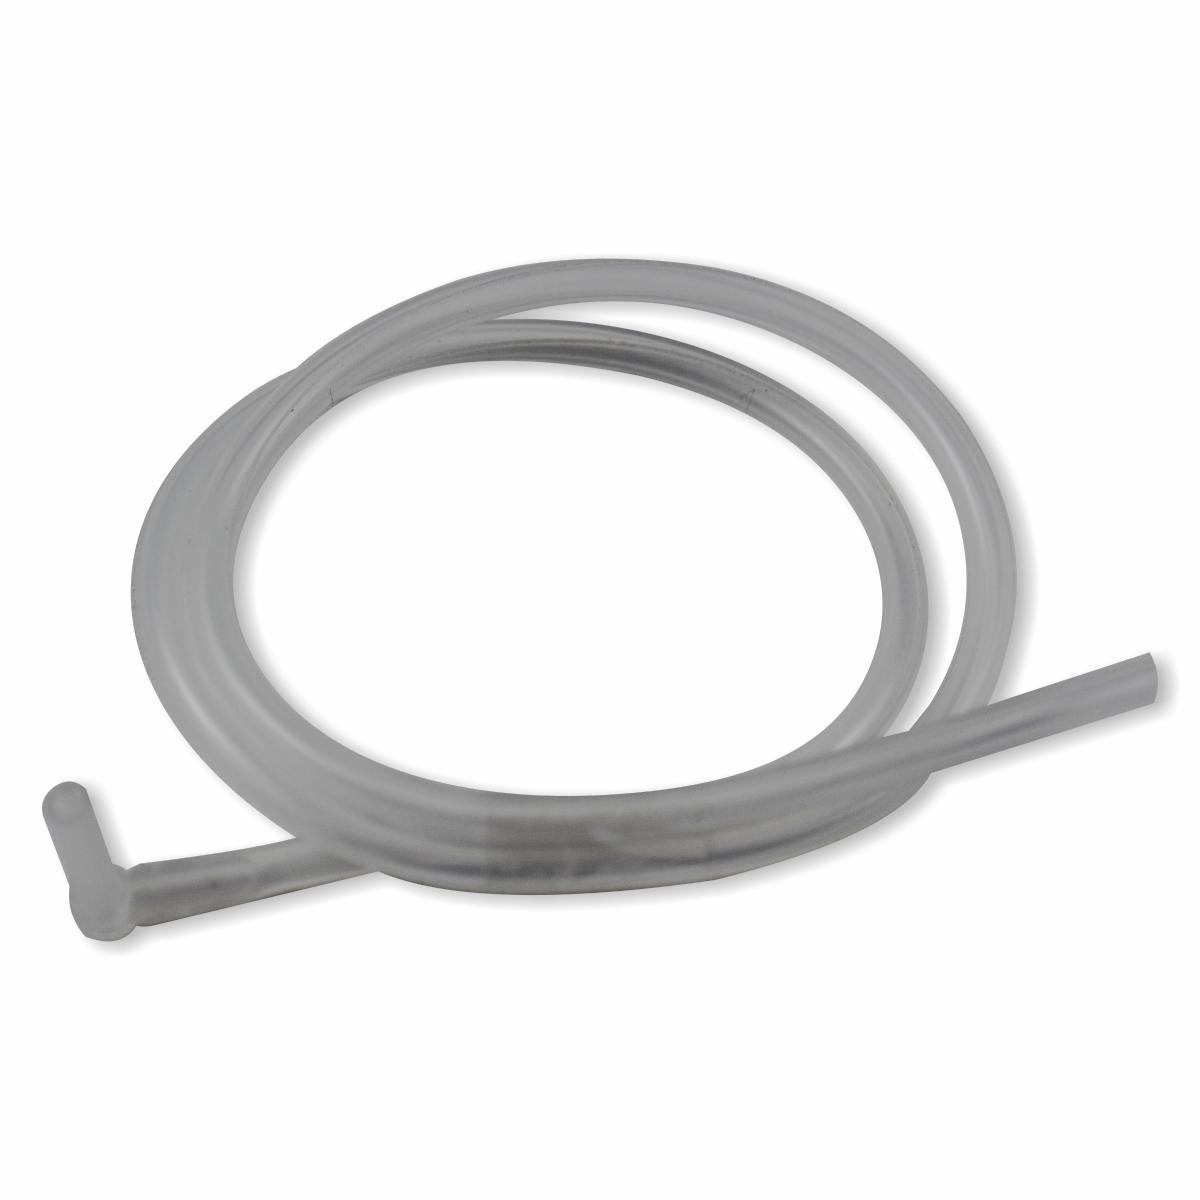 Mangueira com Bico L Conector para Instalação de Dispenser (1 via com 30cm)